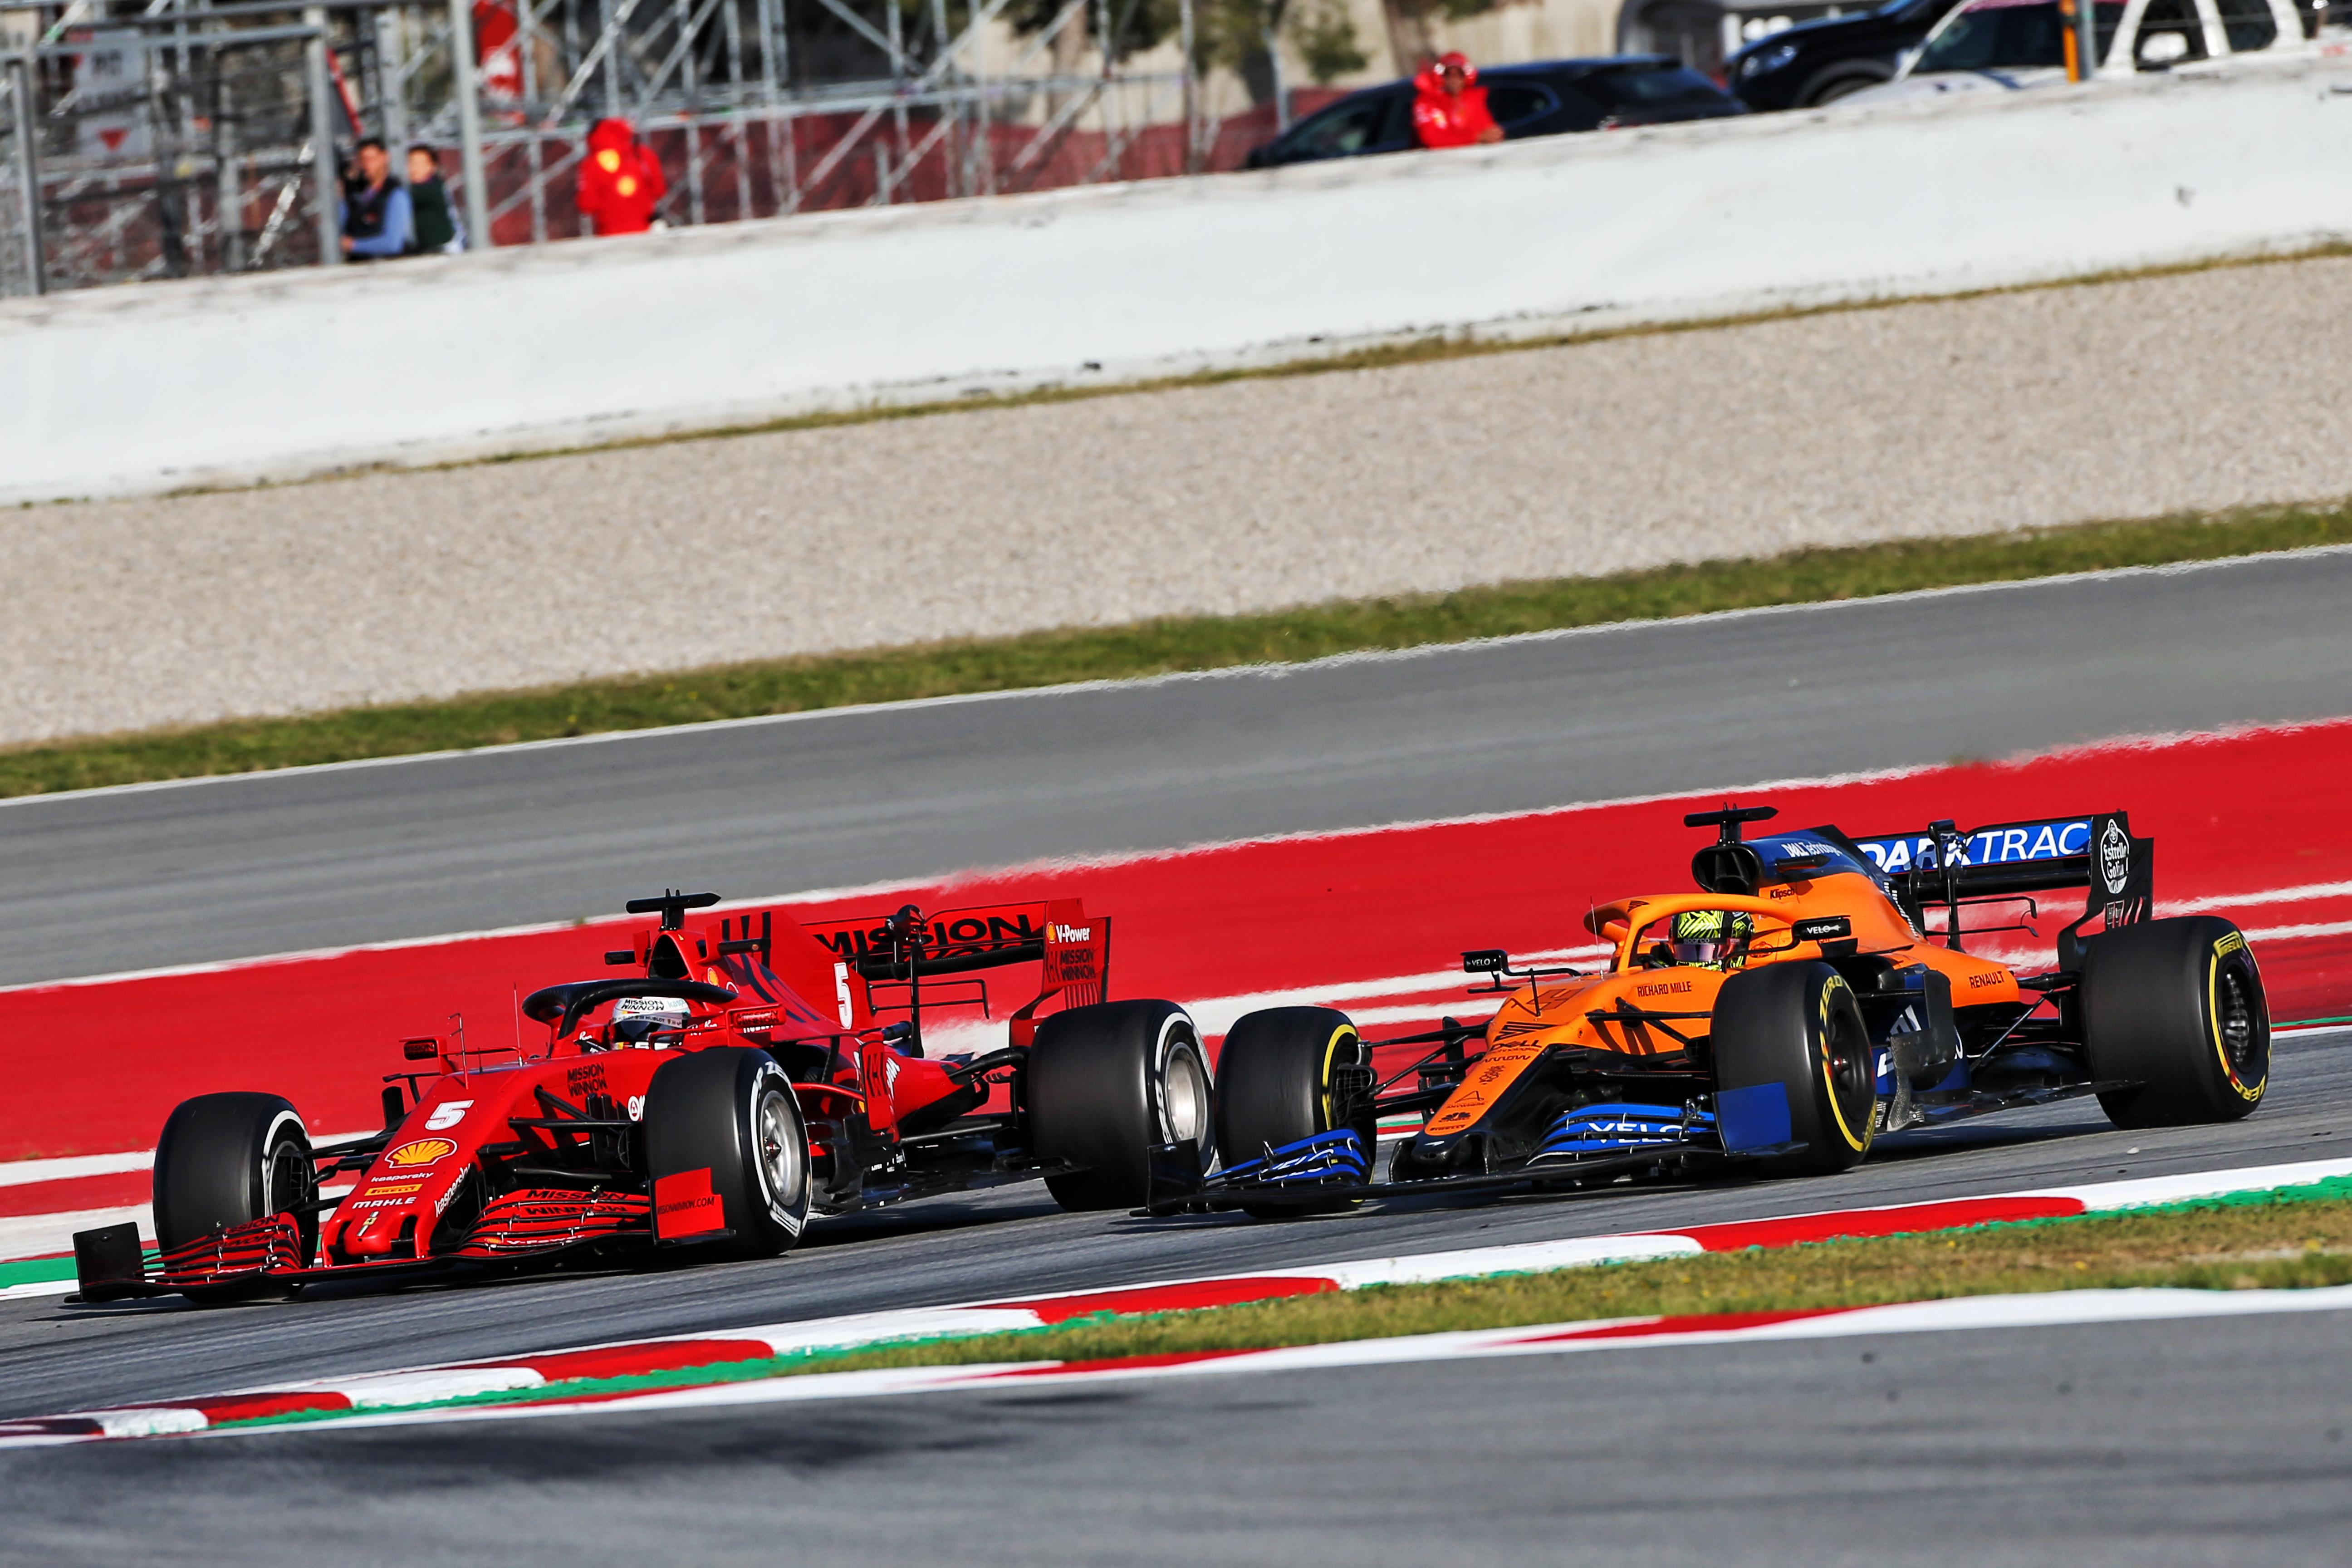 Sebastian Vettel Ferrari Lando Norris McLaren Barcelona F1 testing 2020